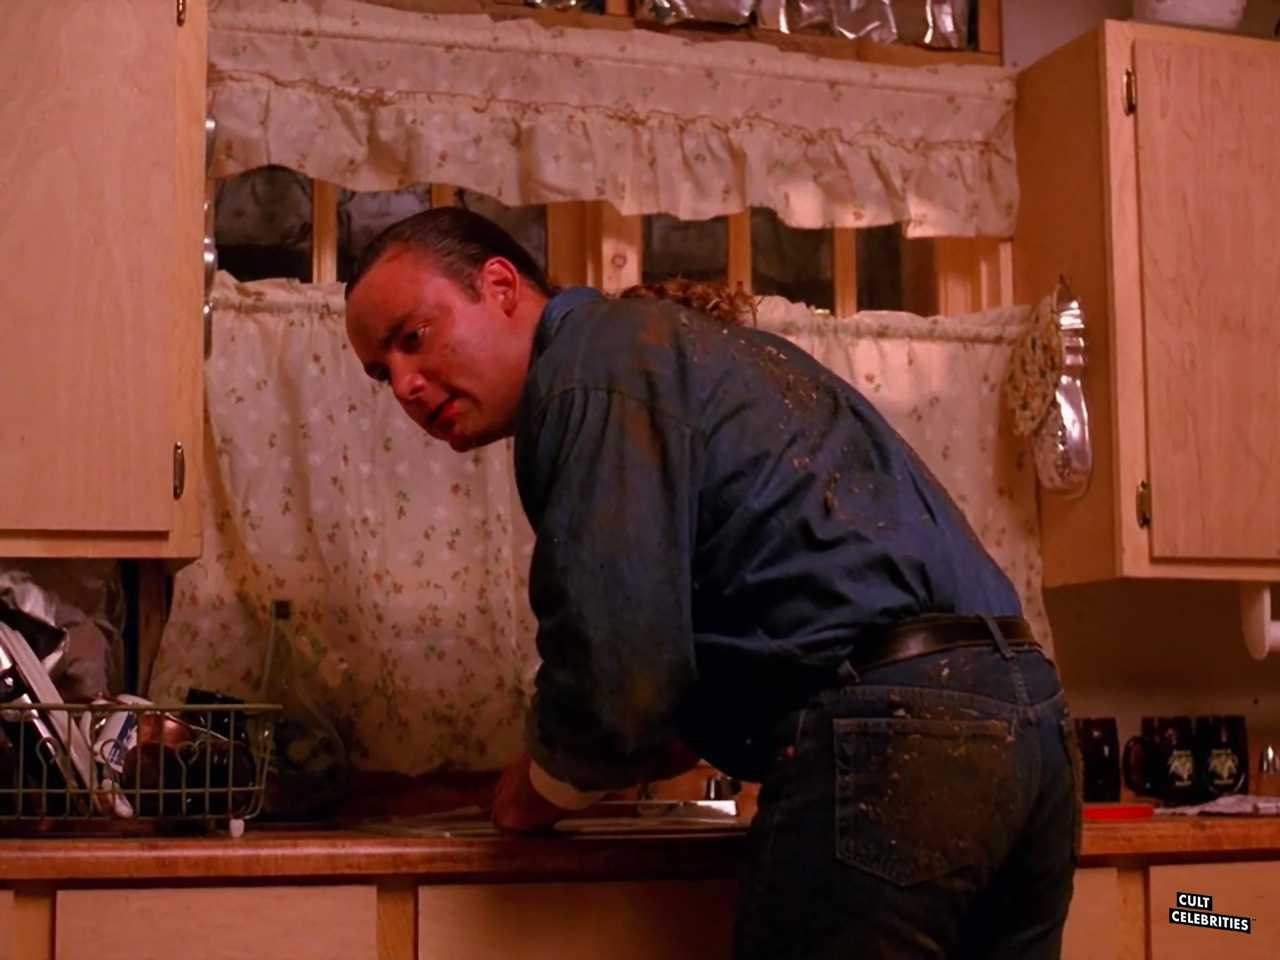 Eric DaRe in Twin Peaks (1990)